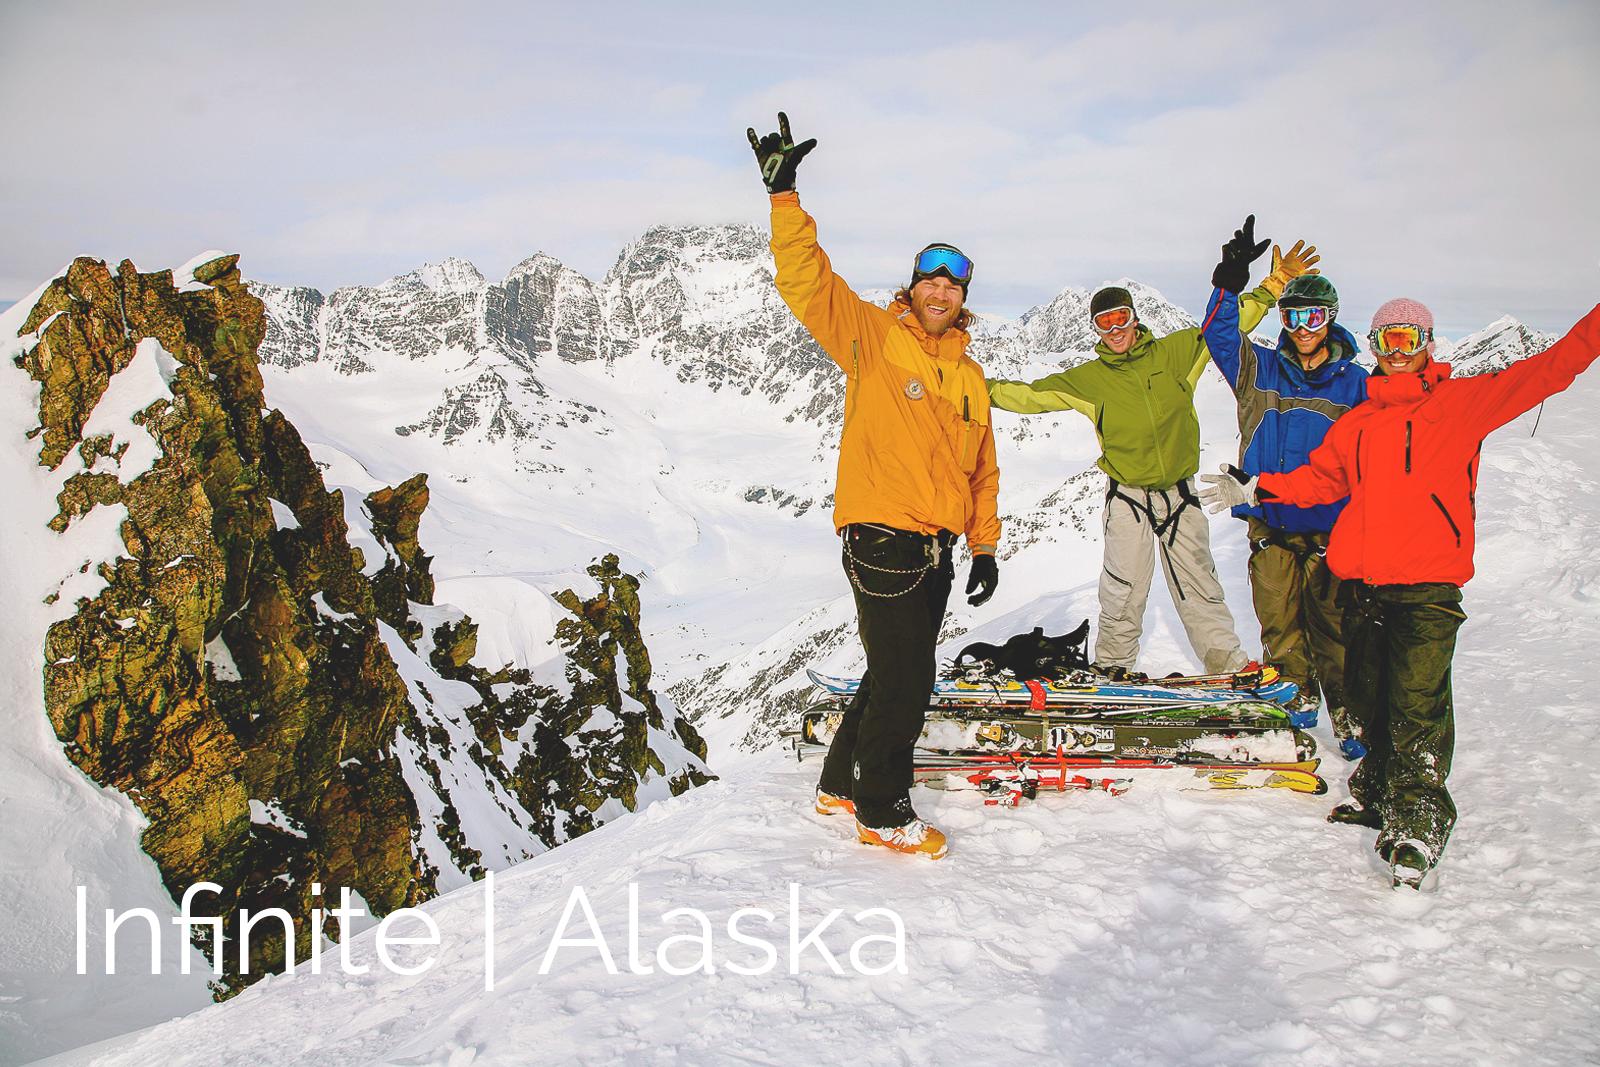 Infinite | Alaska